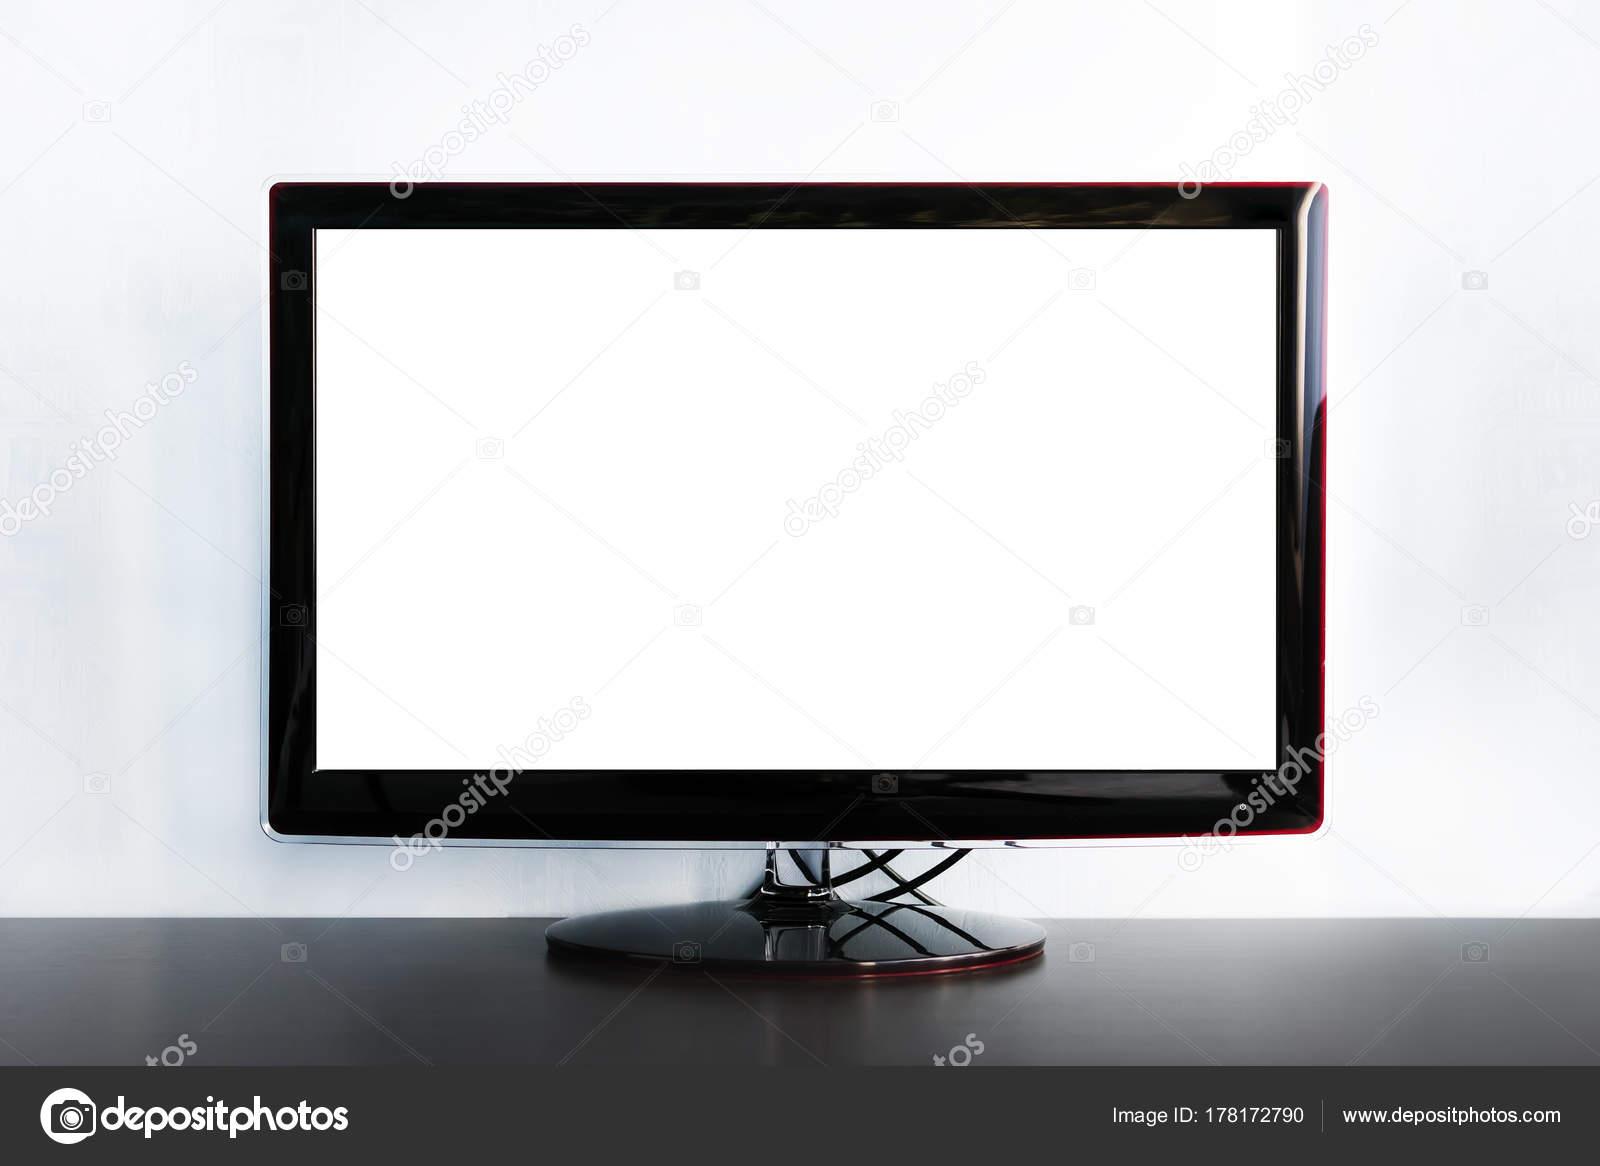 Breitbild Tv Auf Holzerne Kommode In Der Nahe Von Grauen Wand